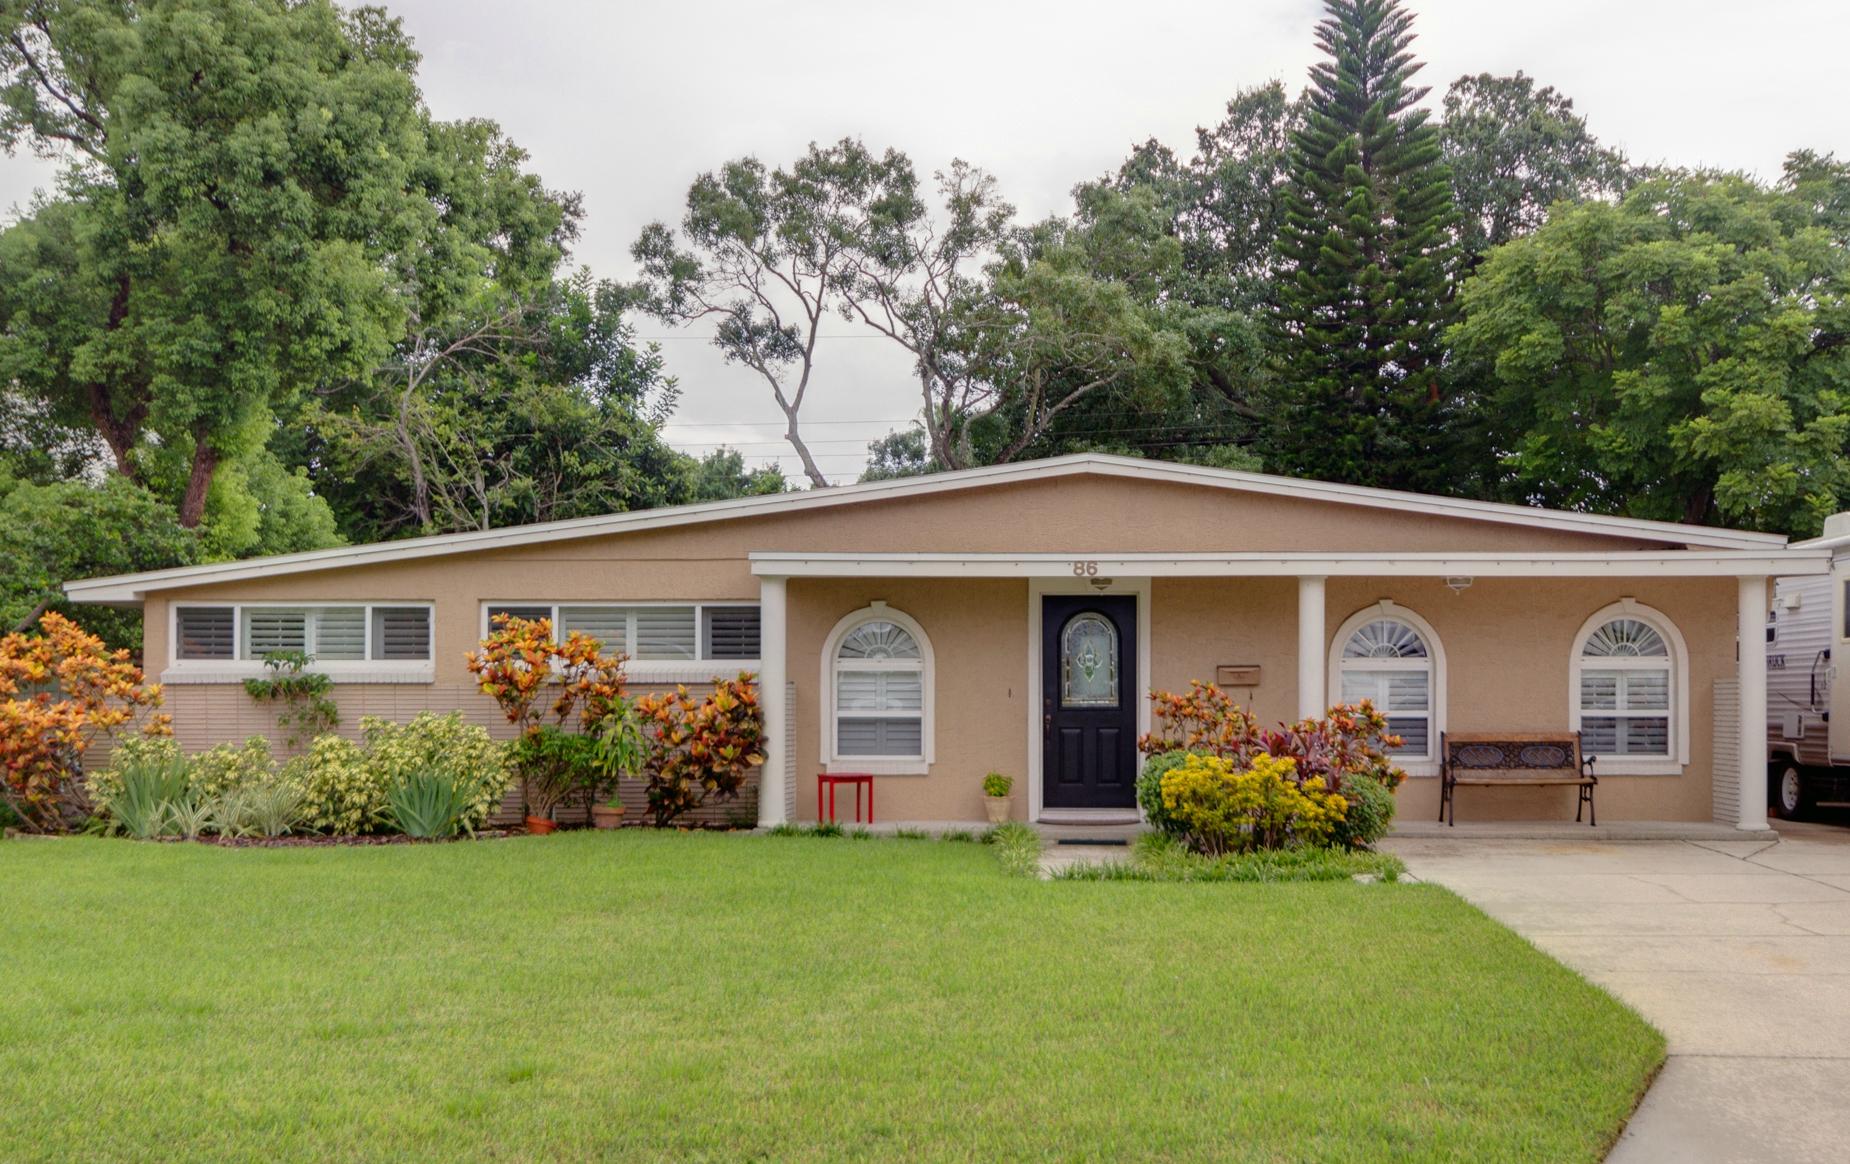 86-Huron-Davis-Islands-Fadal-Real-Estate-Tampa-Exterior-Front-v22